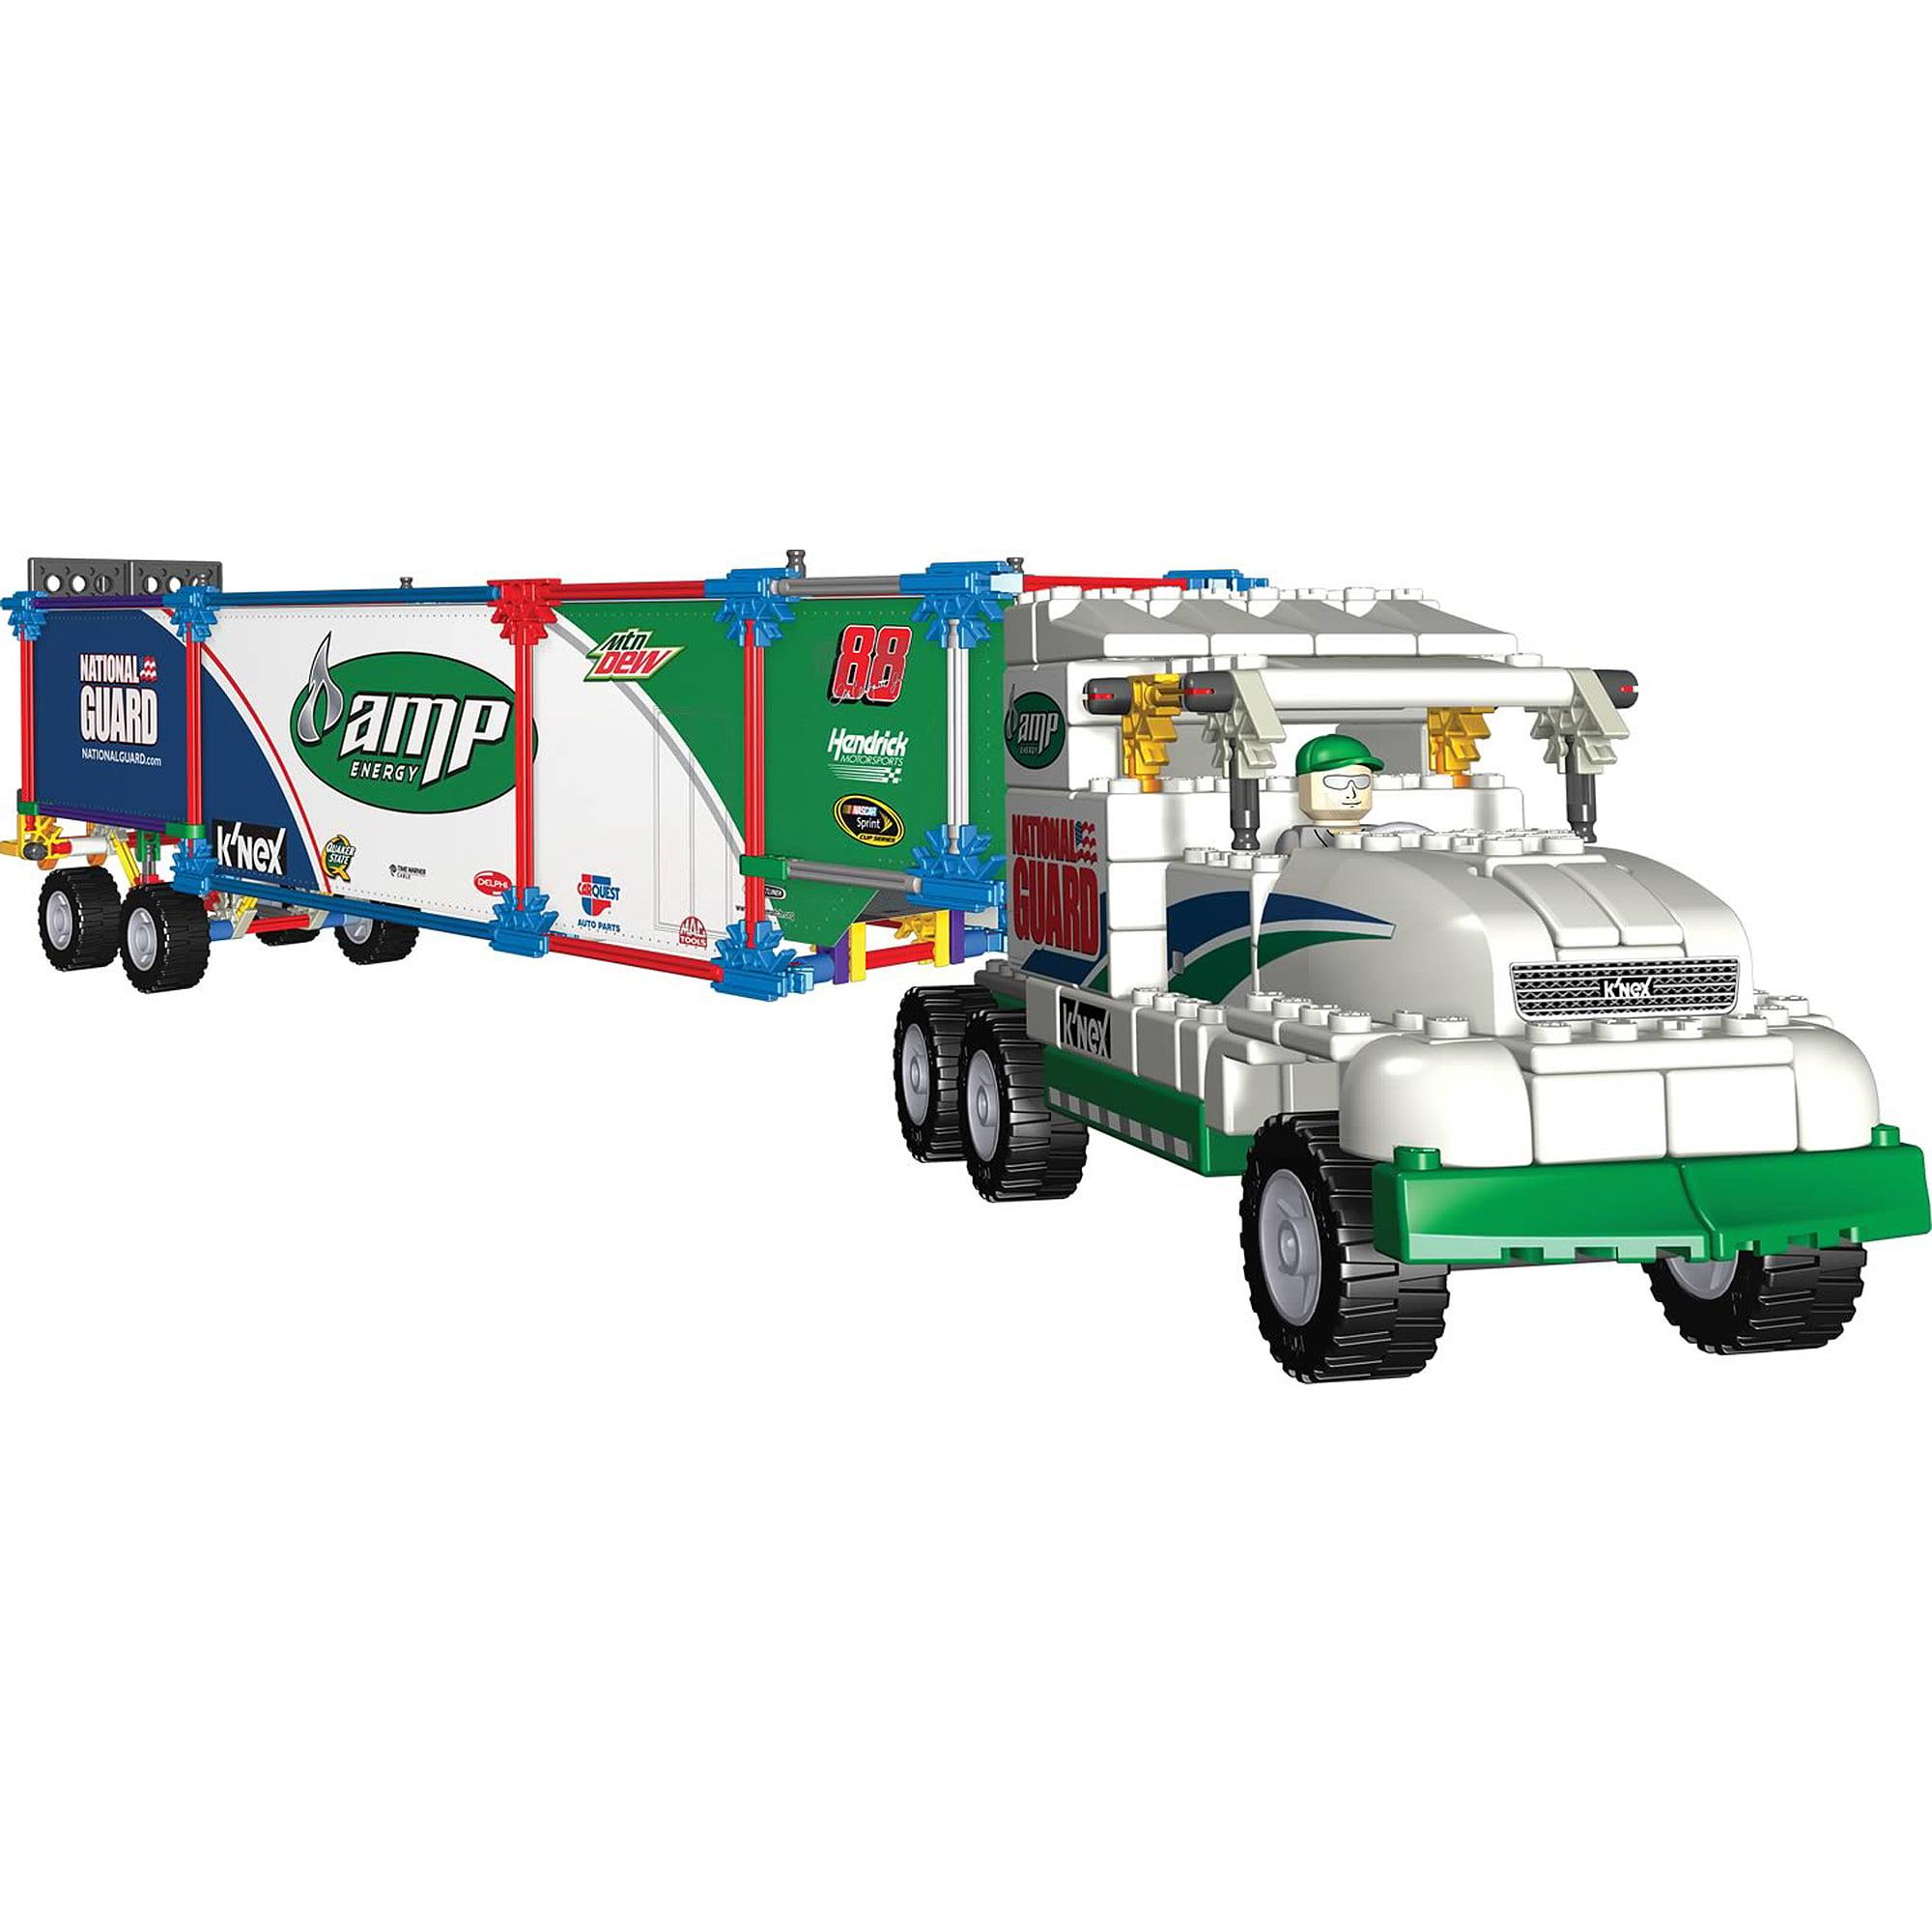 K'NEX Nascar Building Set: Dale Jr.'s #88 Amp Energy Transporter Rig